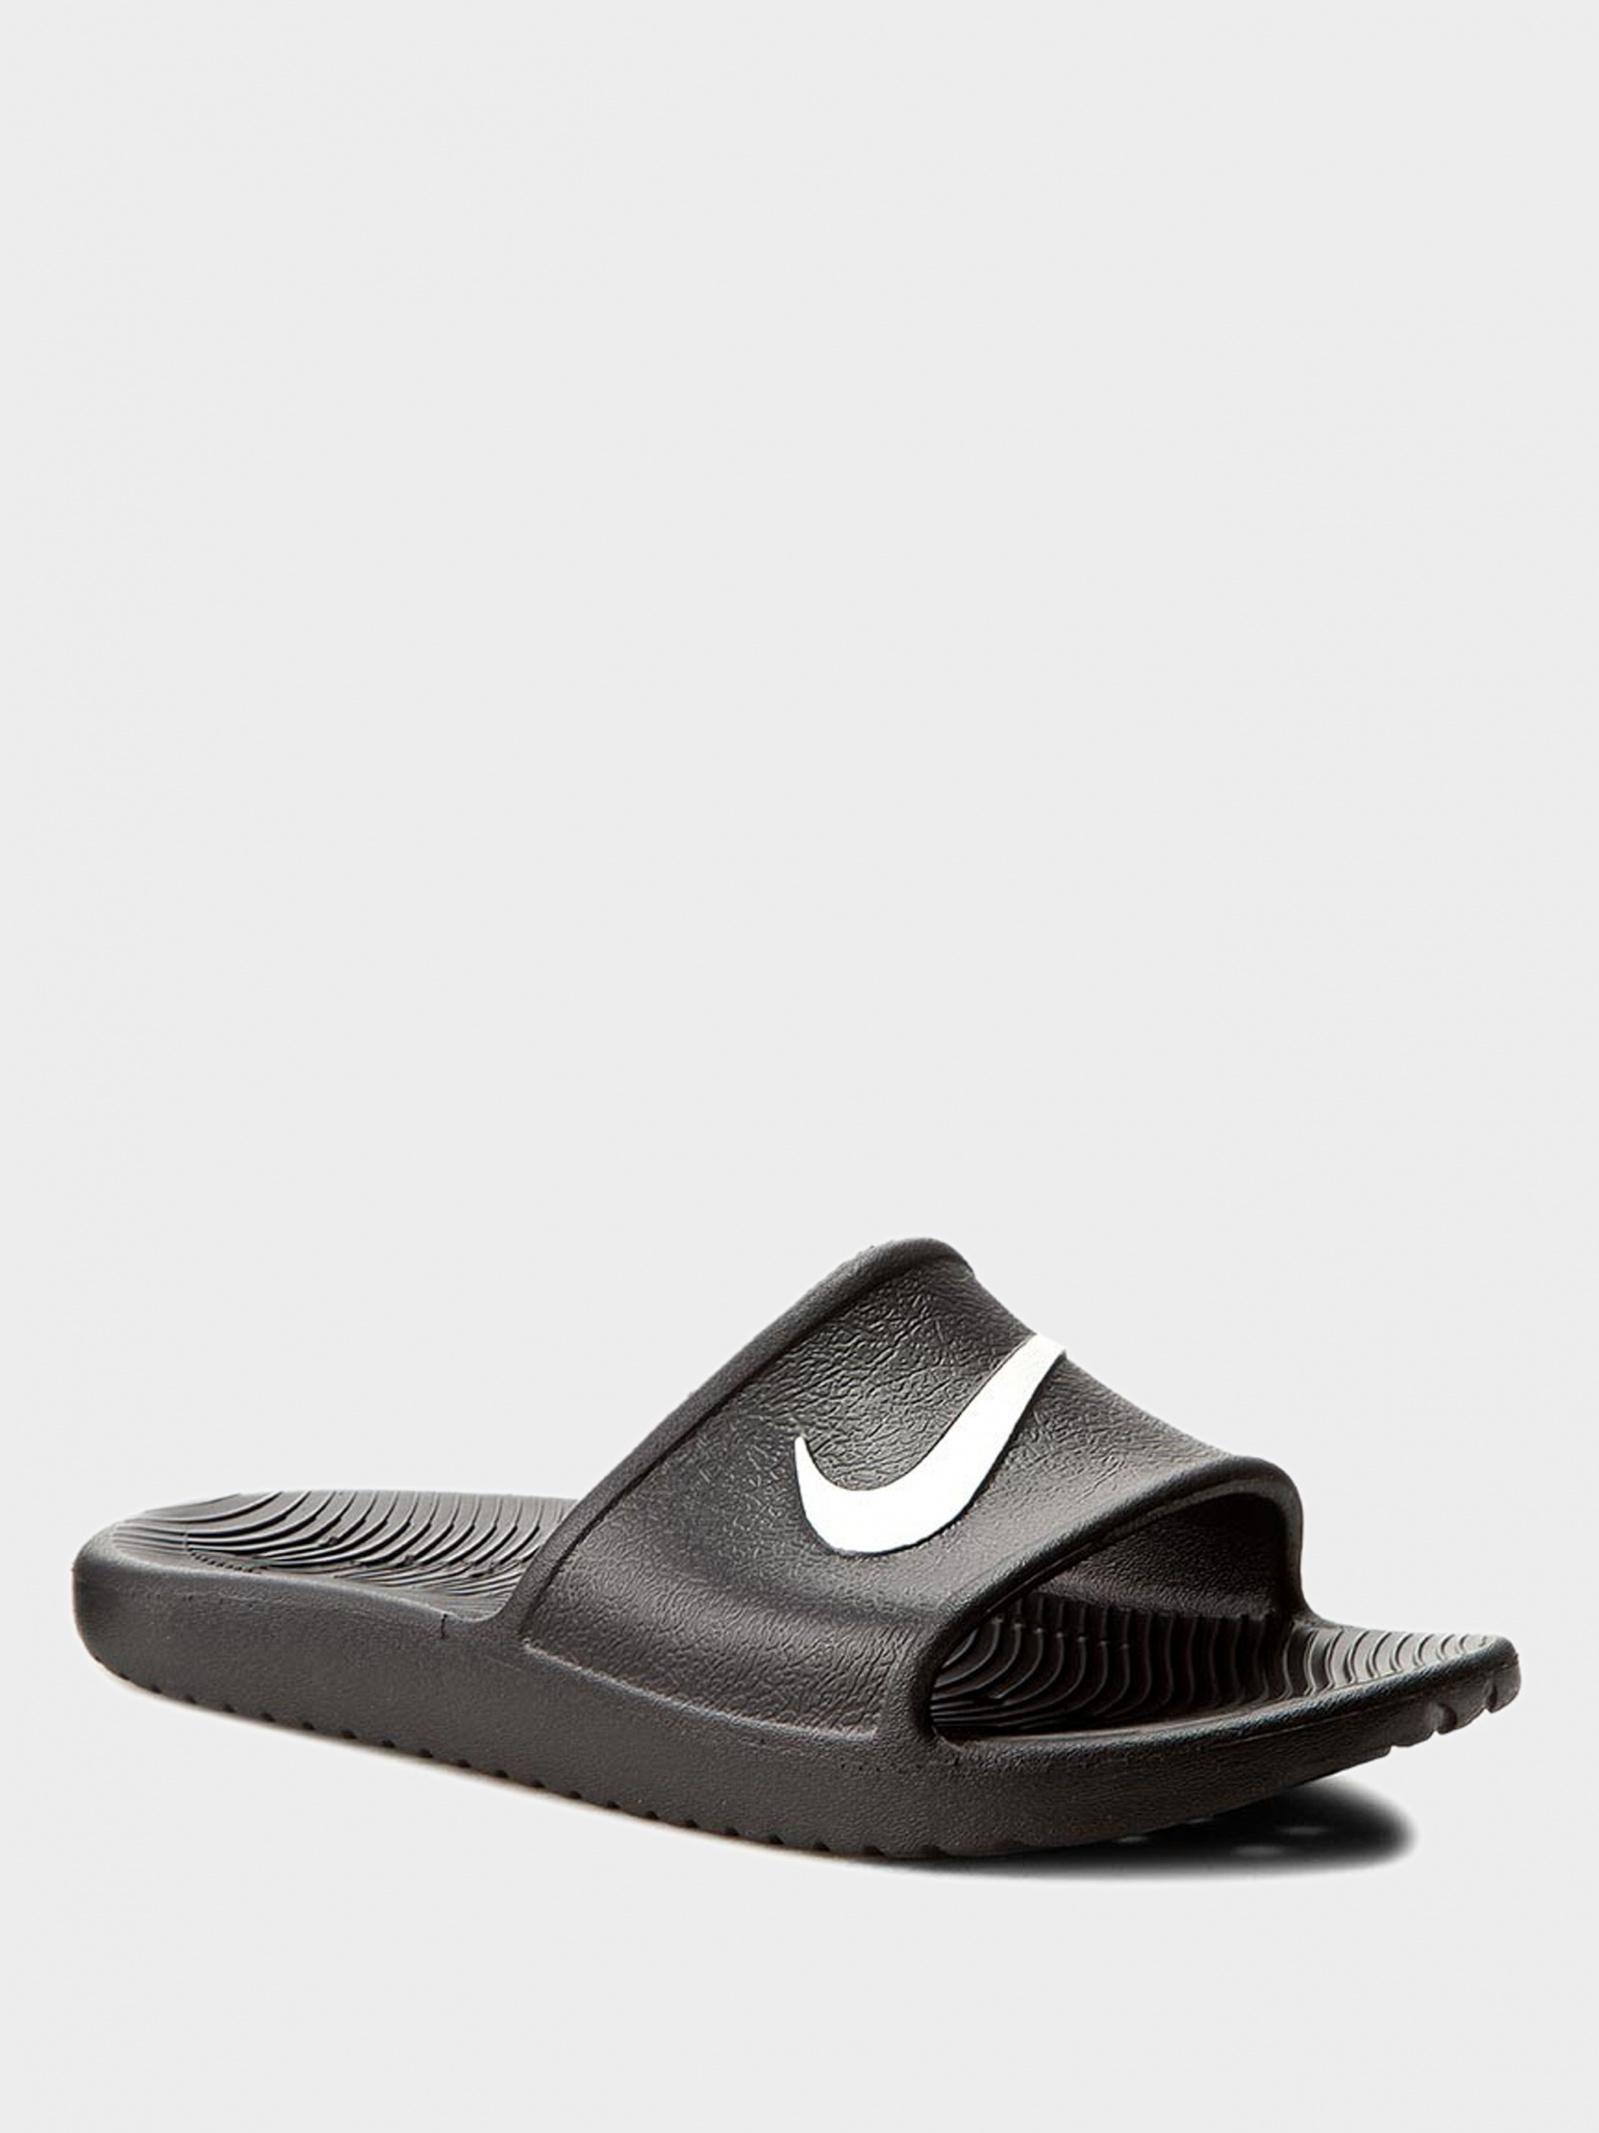 Шлёпанцы для мужчин NIKE Men's Kawa Shower Slide 832528-001 размерная сетка обуви, 2017